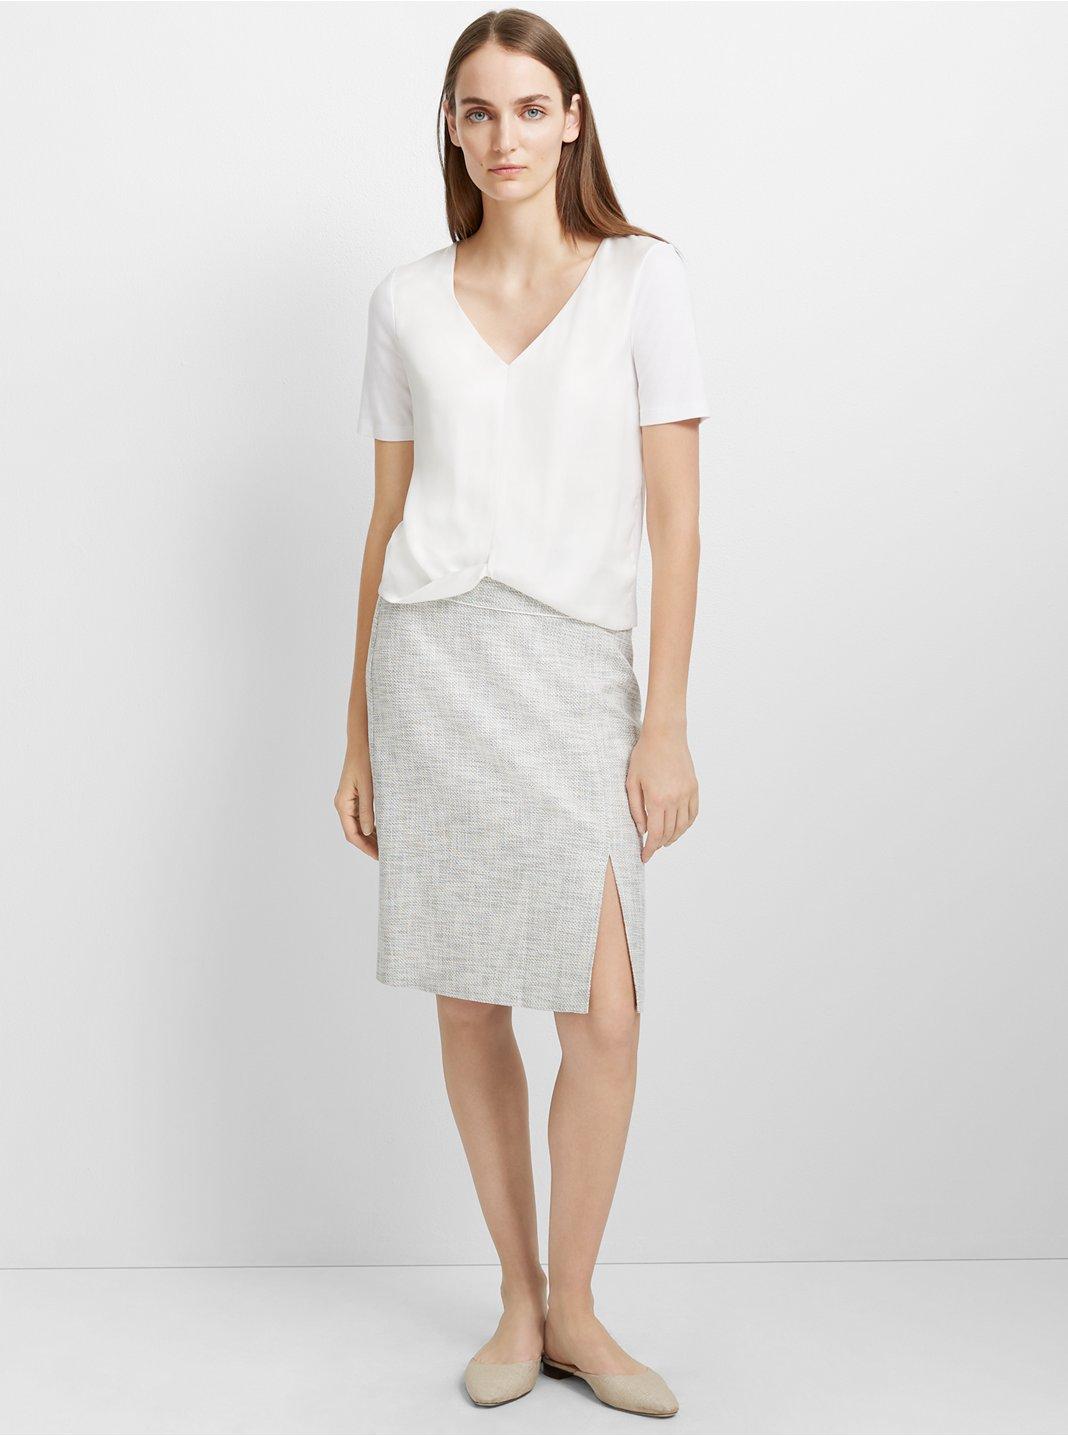 Incah Skirt